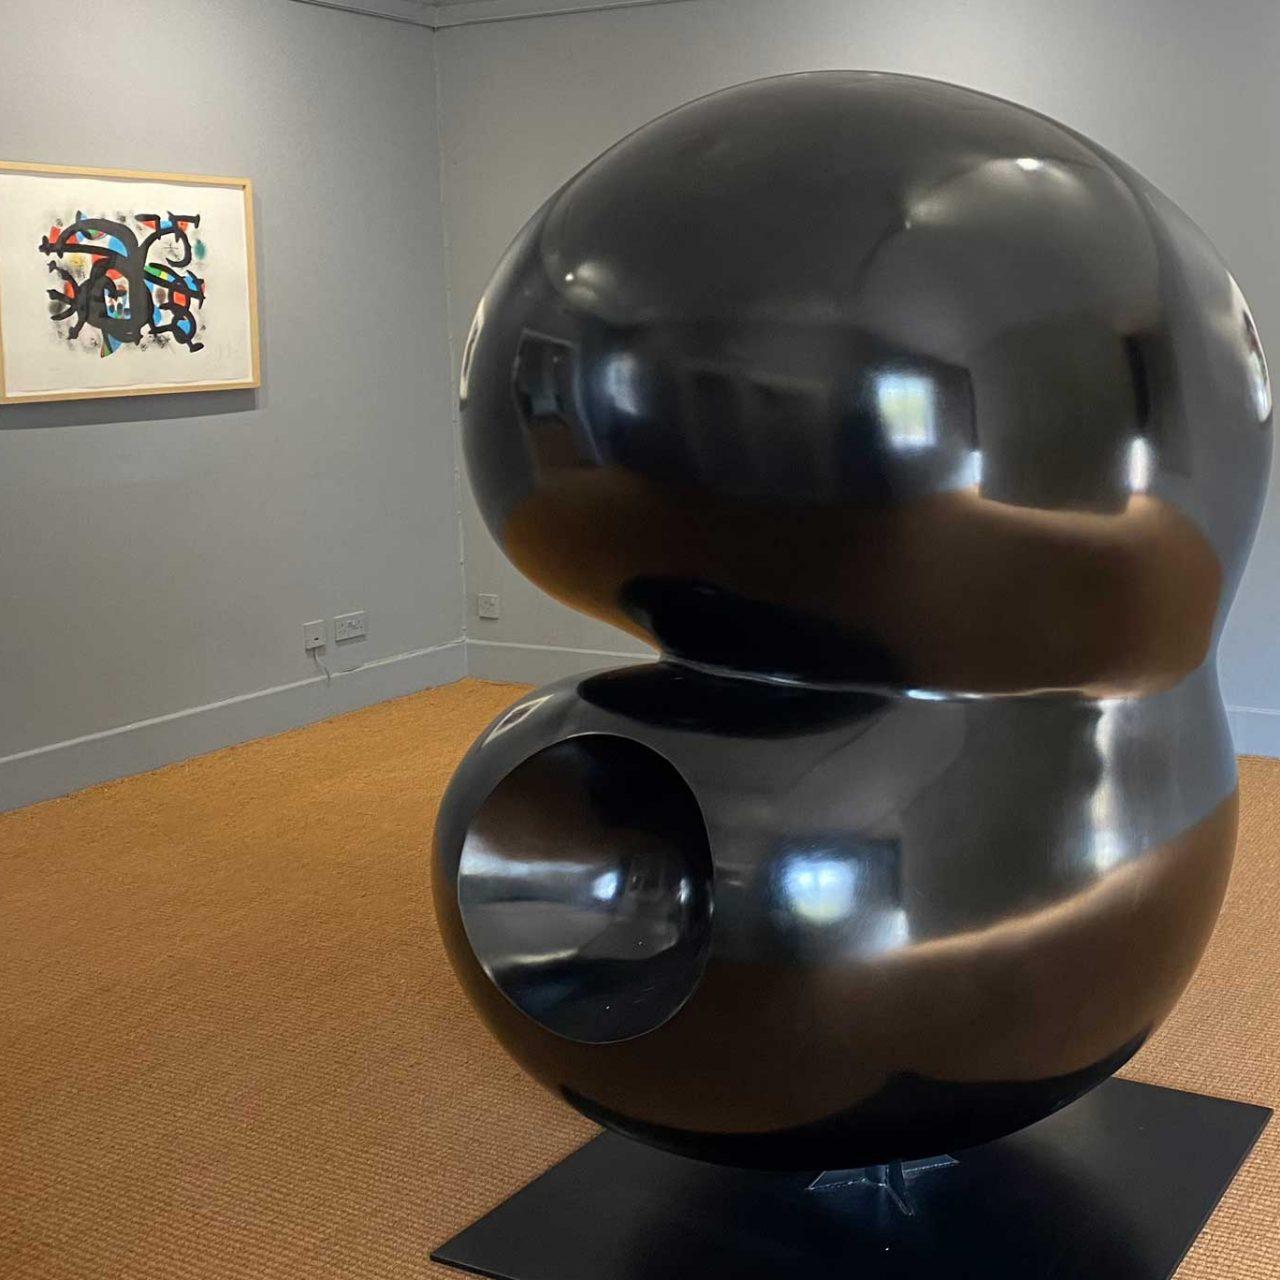 Newlands House presents Joan Miró: La Gran Belleza